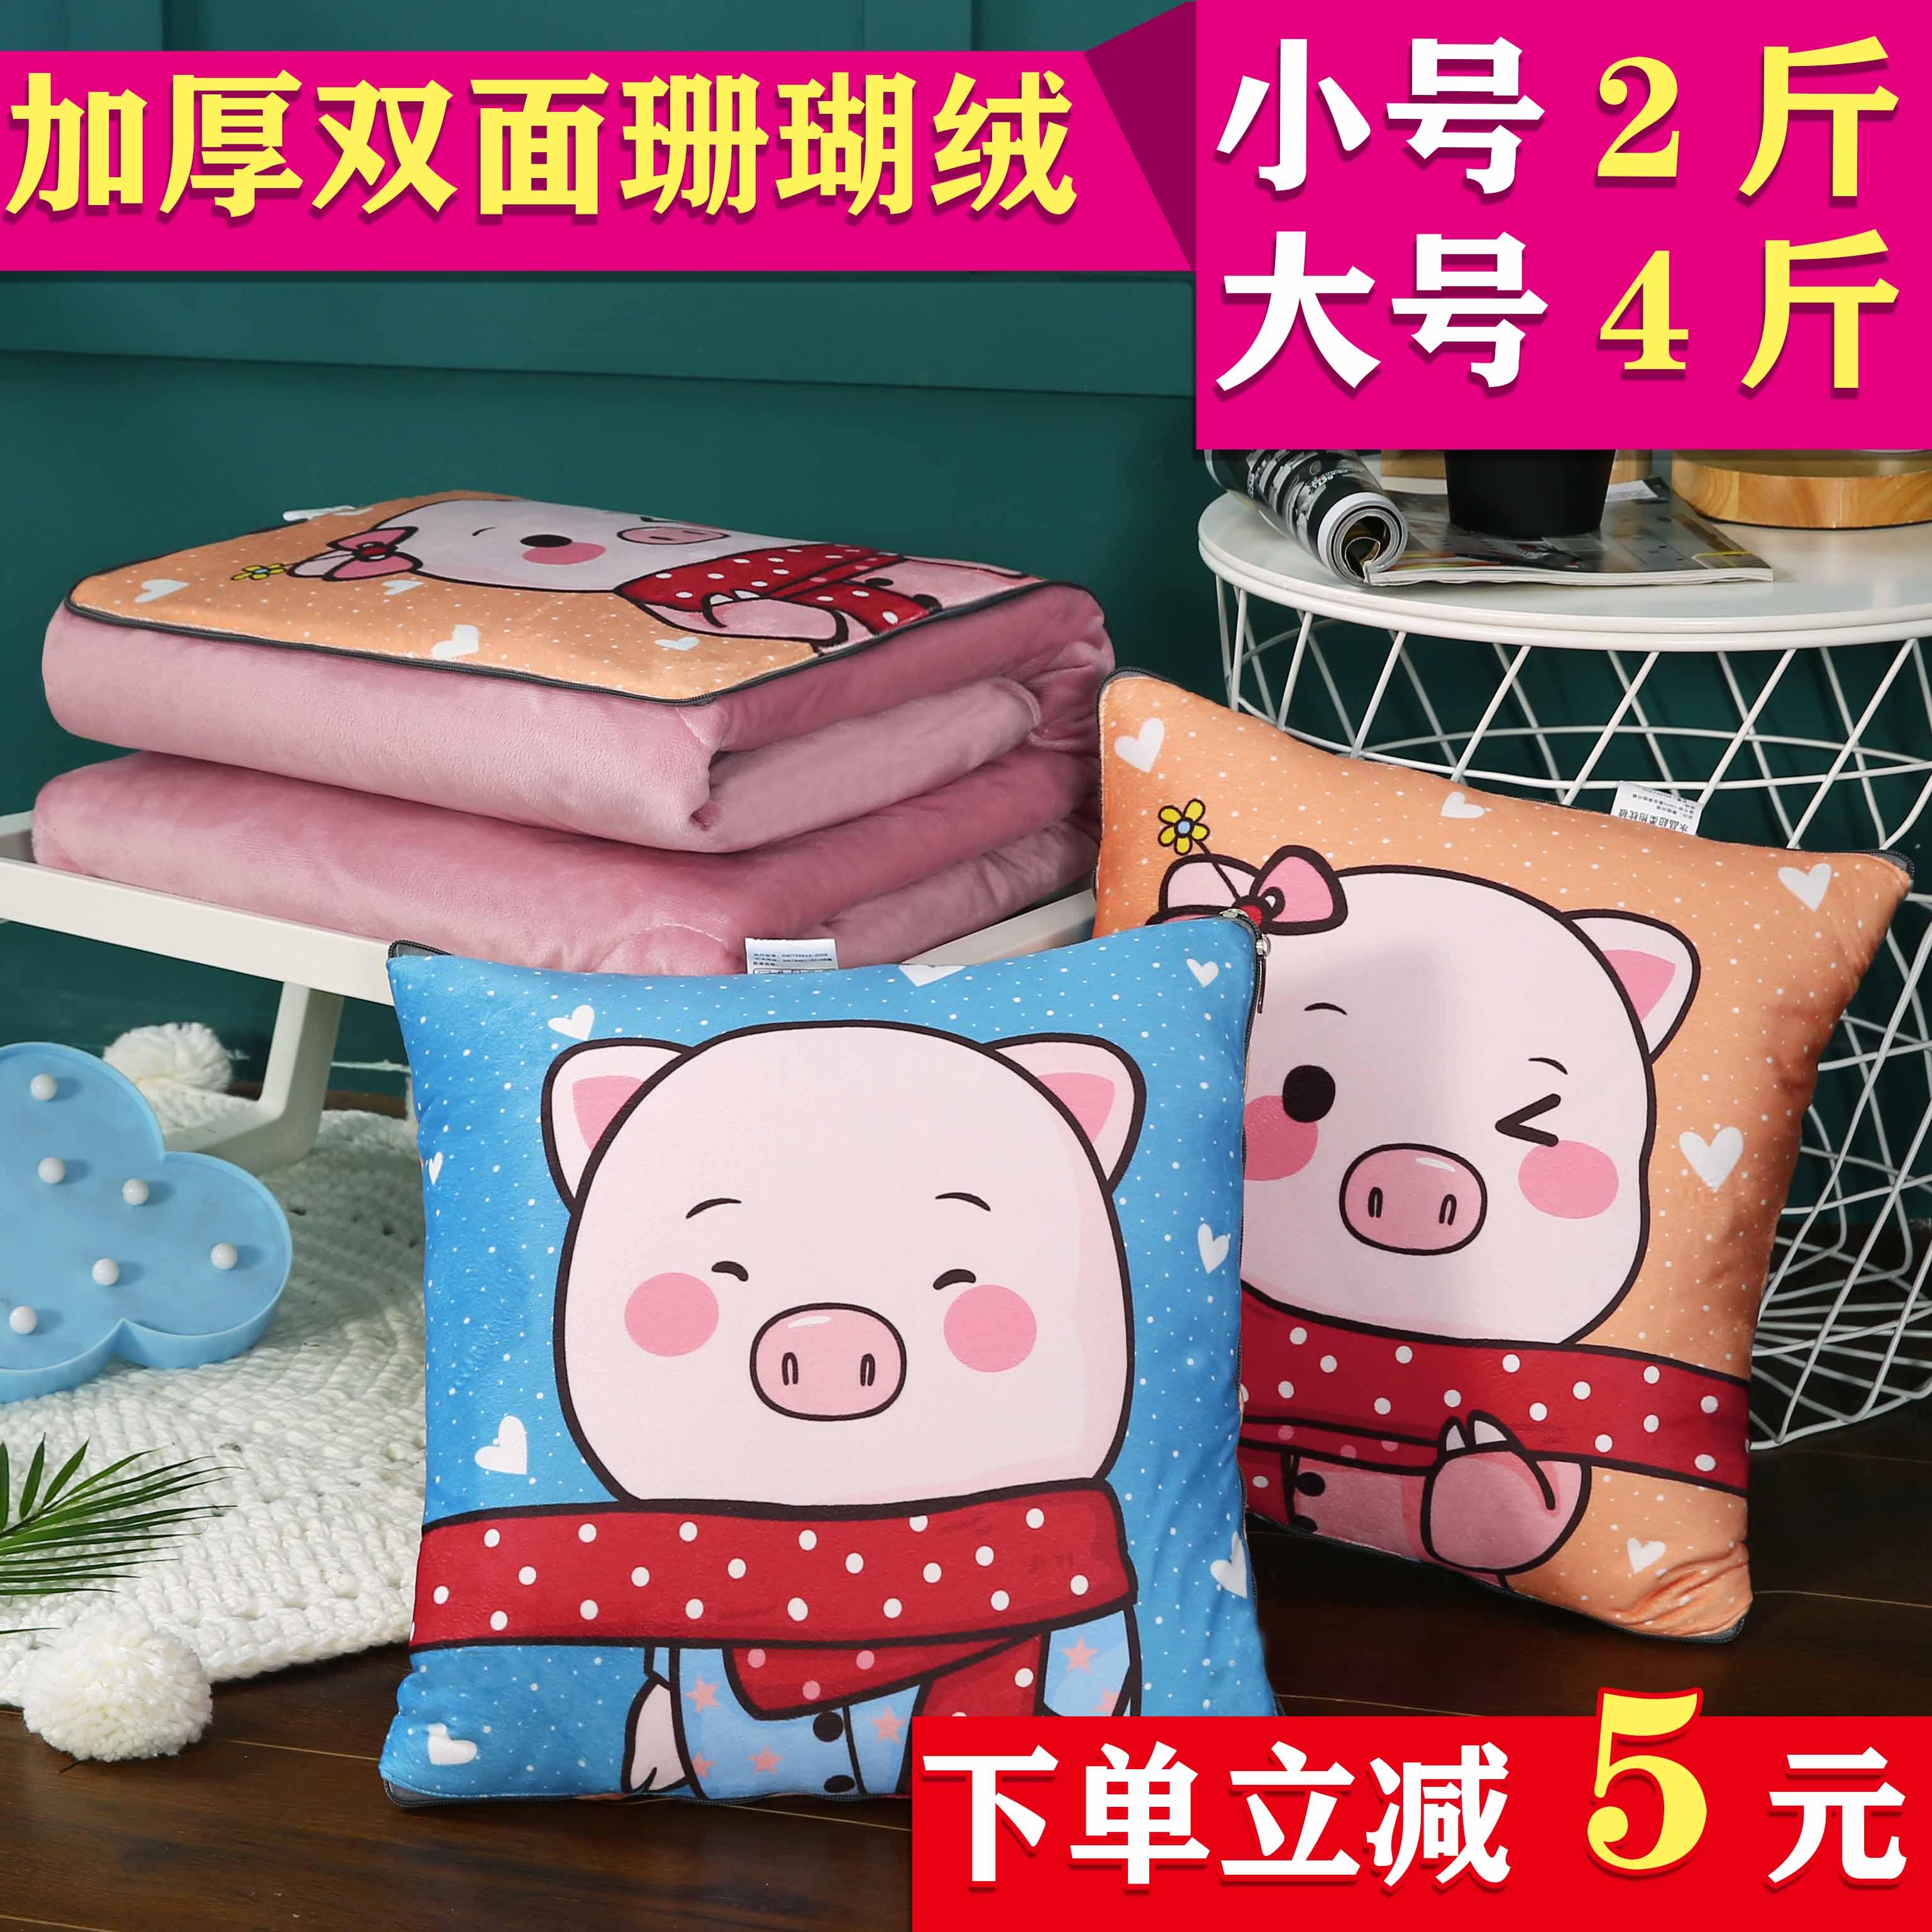 12月09日最新优惠加厚两用抱枕被子汽车冬季珊瑚绒毯办公室靠垫沙发午睡枕头小靠枕